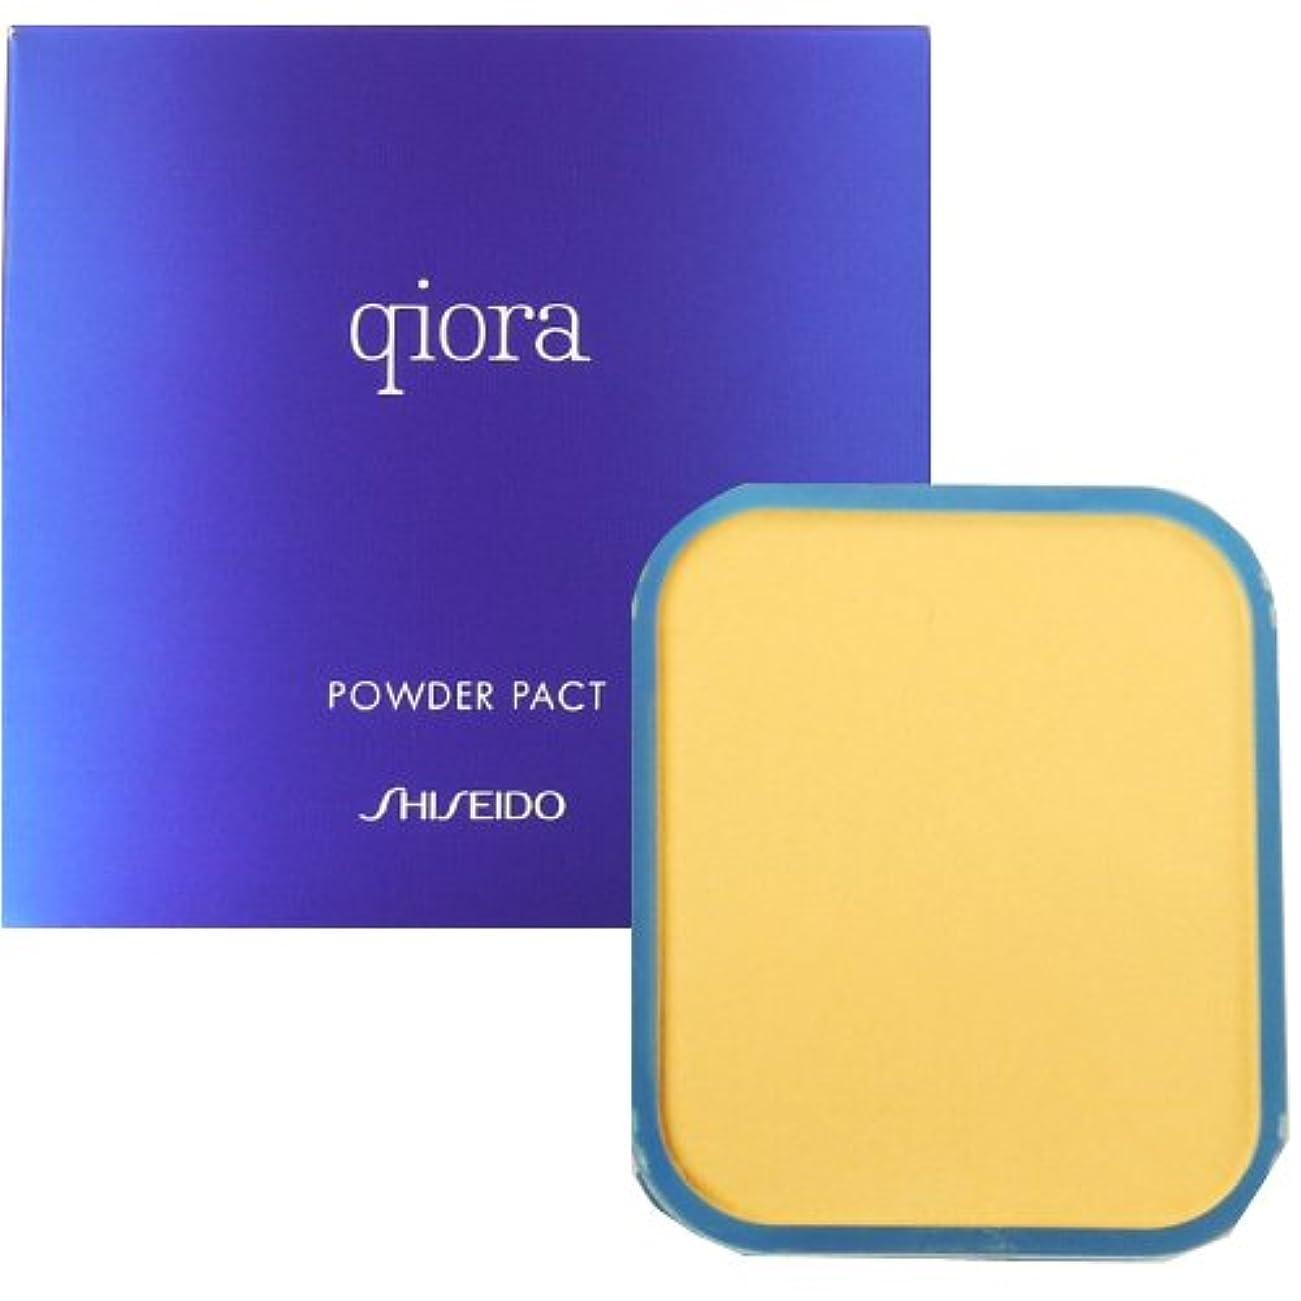 好色なリー入手します資生堂 キオラ パウダーパクト SPF17 PA++ 【詰め替え用】 10g ピンクオークル10